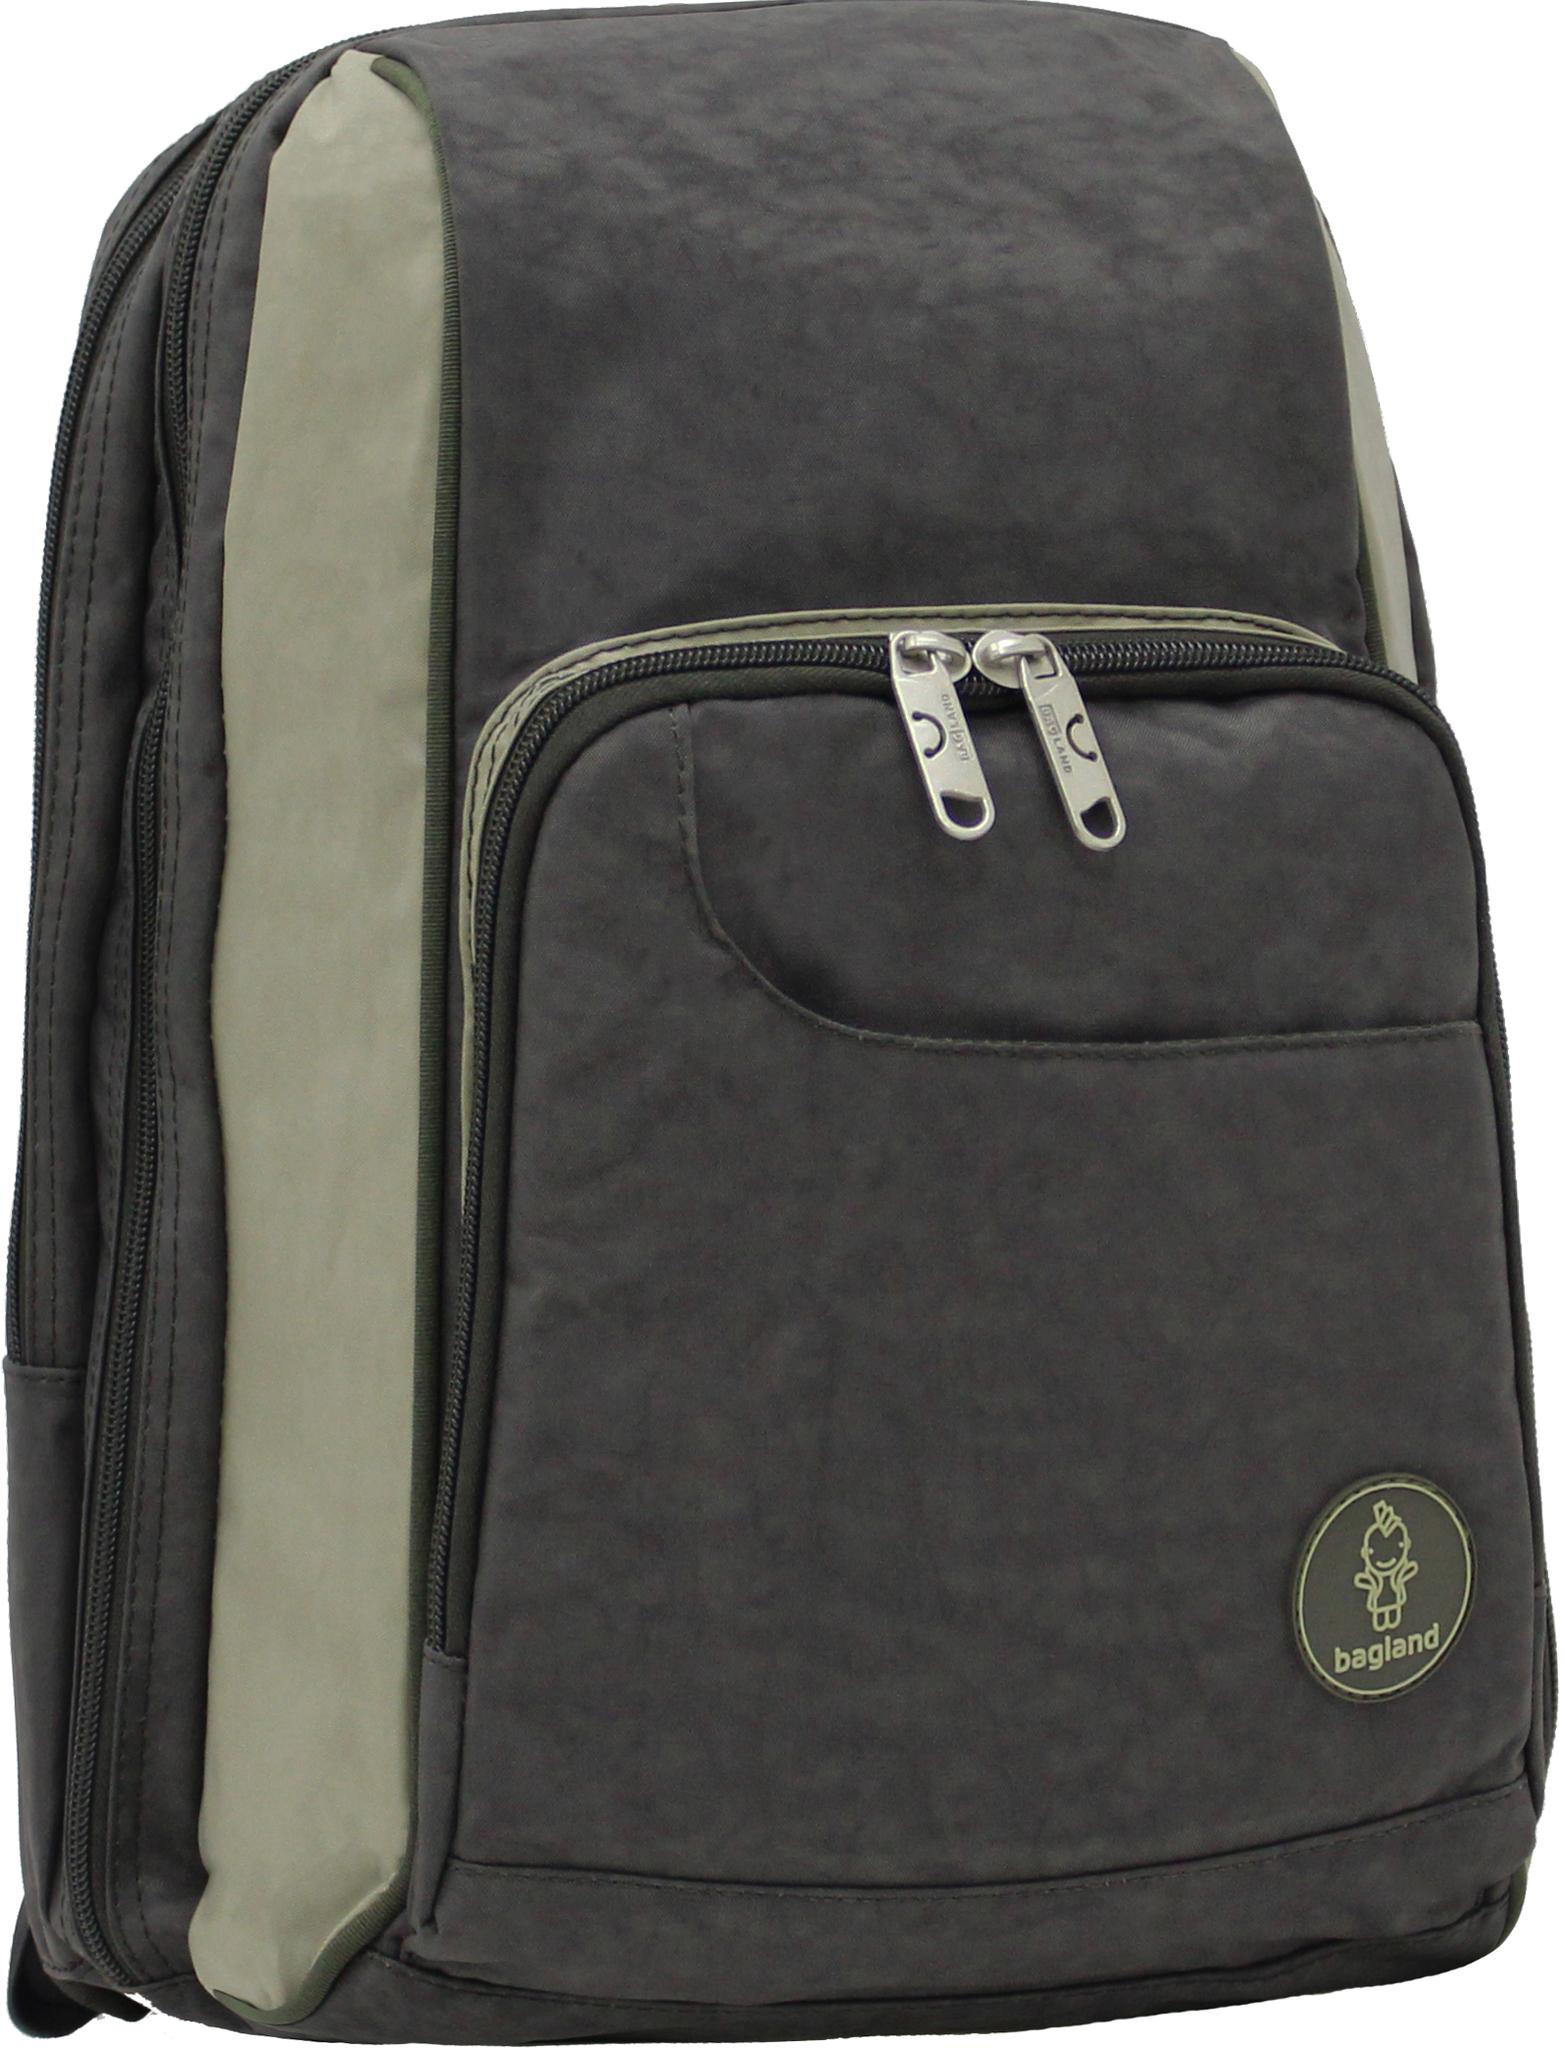 Школьные рюкзаки Школьный рюкзак Bagland Стингер 16 л. Хаки/оливка (0014970) IMG_0435.JPG